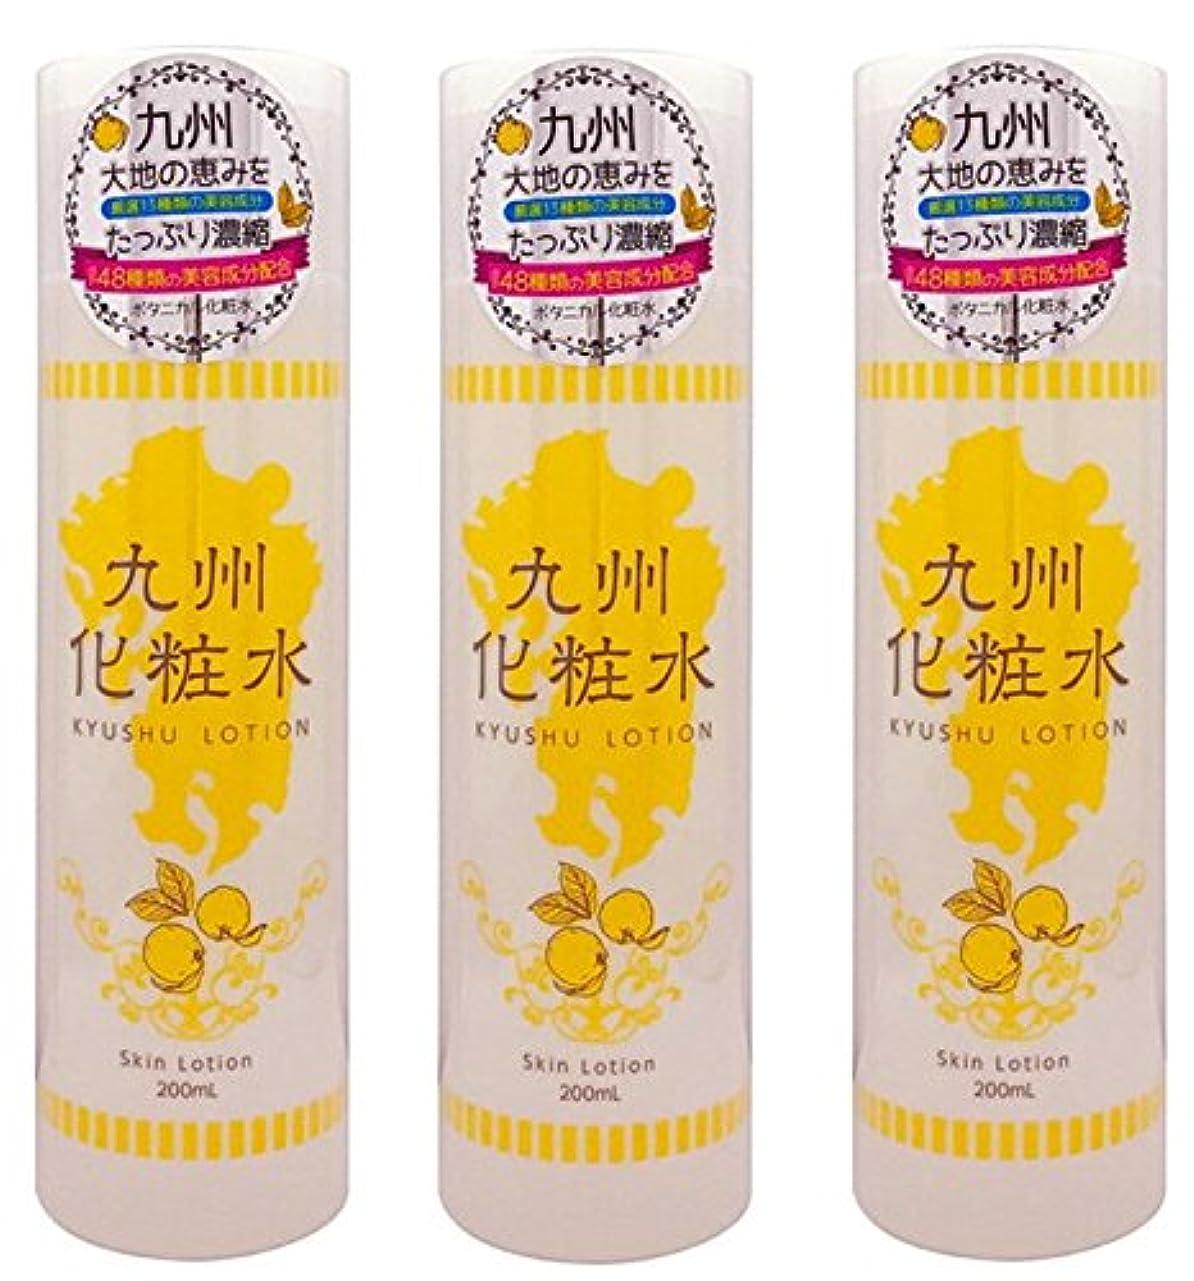 優しい植物のレプリカ九州化粧水 200ml (ボタニカル化粧水) X 3本セット